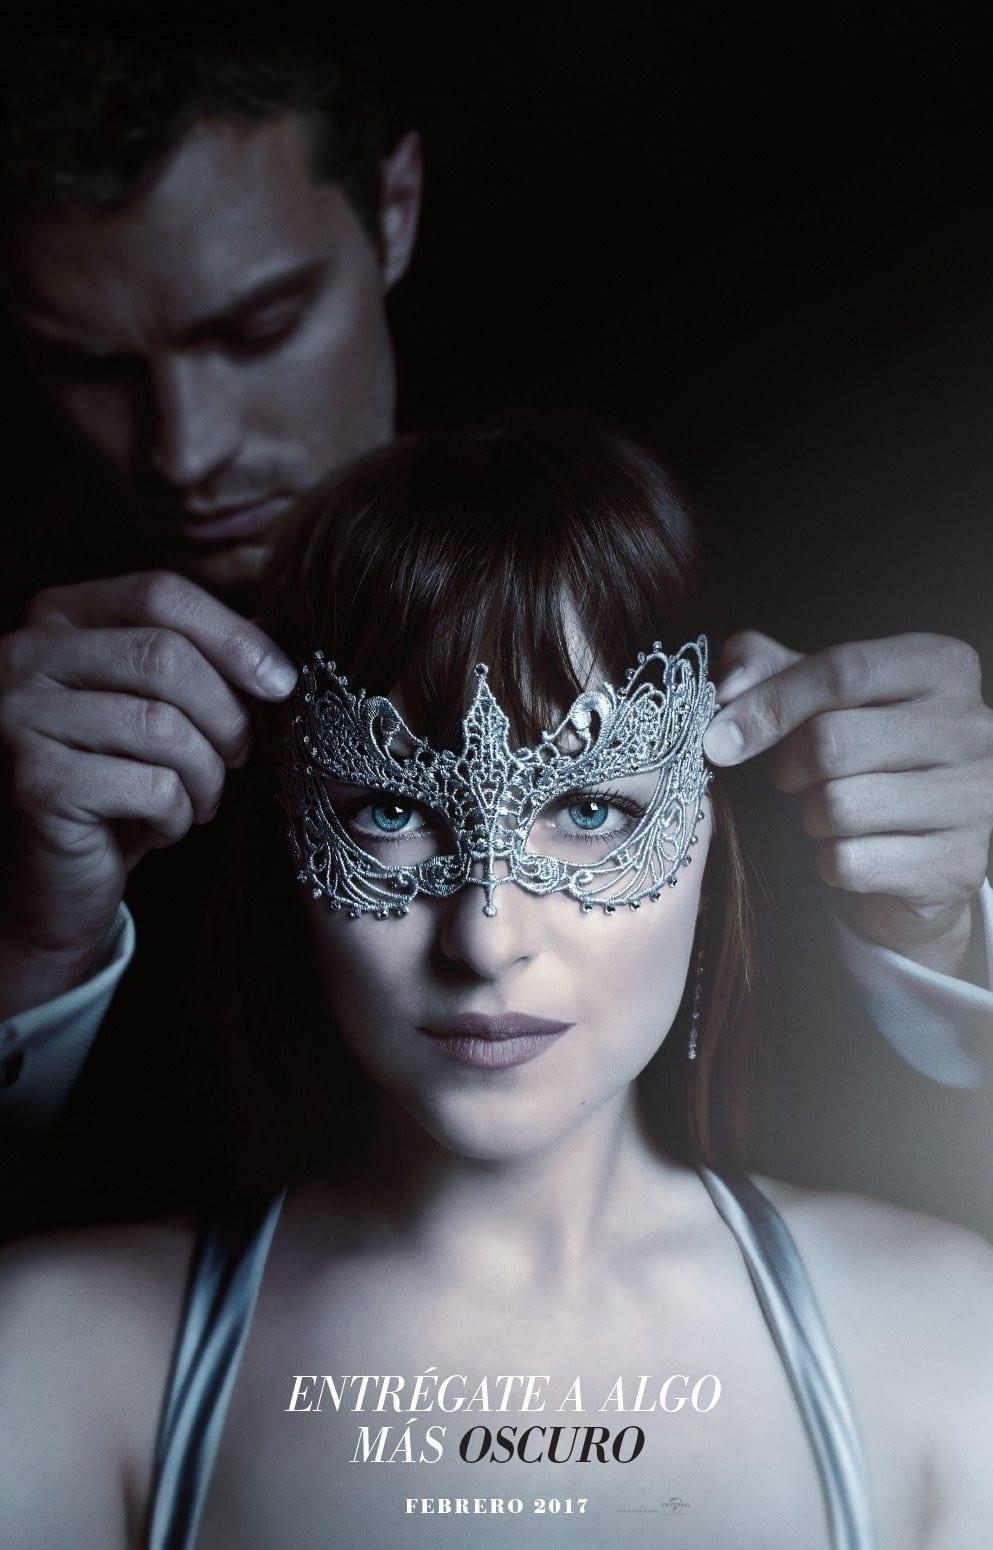 Cincuenta sombras: ¡Nuevo teaser tráiler y póster oficial!